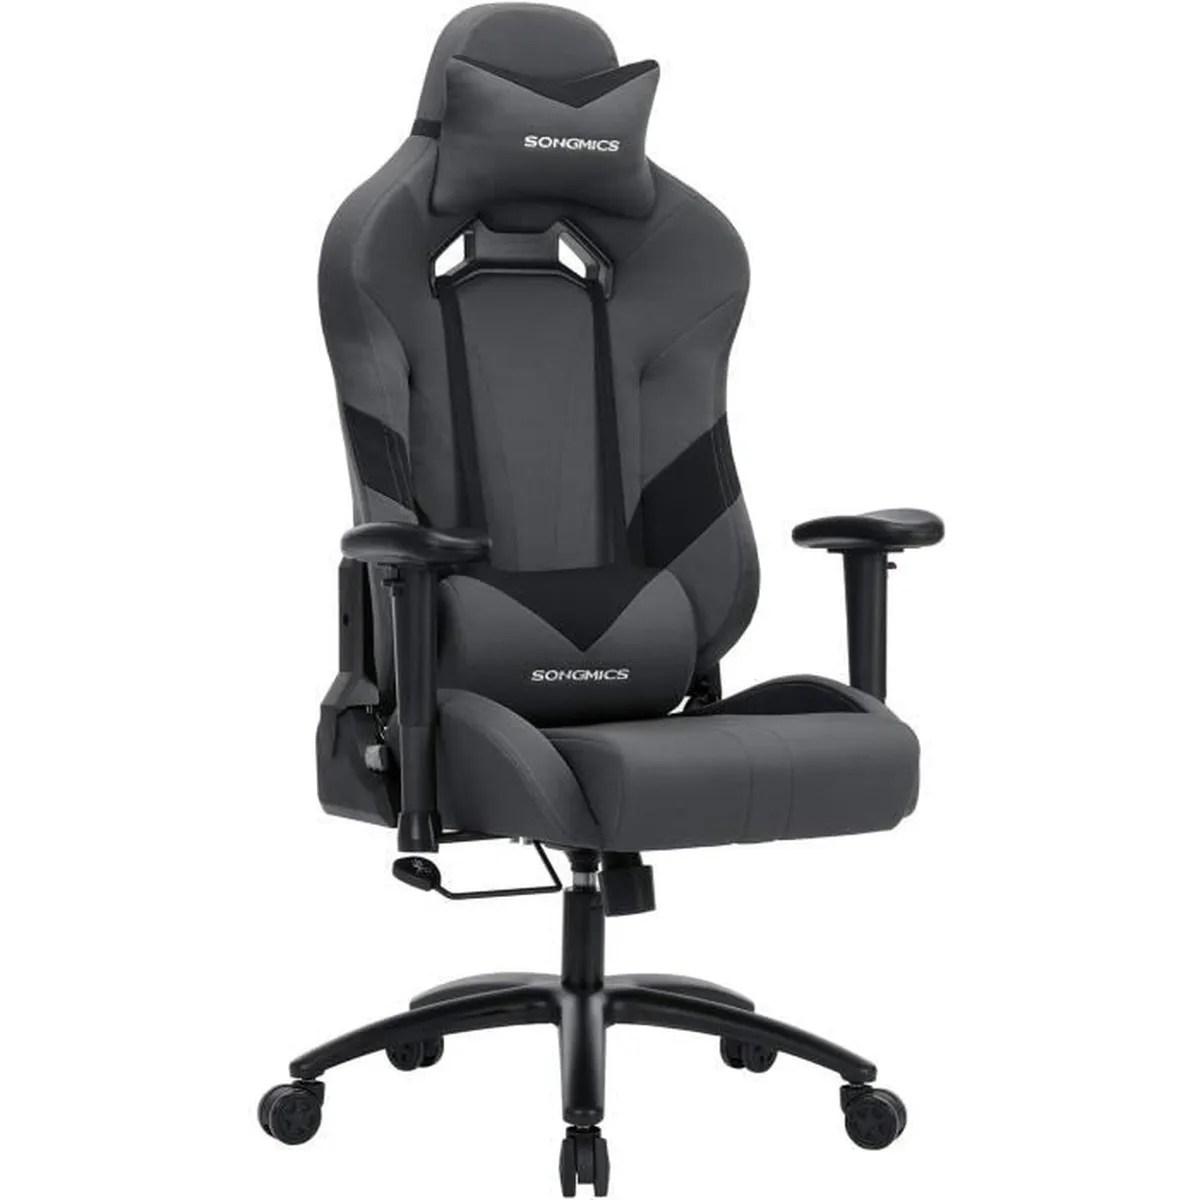 songmics chaise de bureau racing sport hauteur reglable 124 132 cm chaise gamer dossier inclinable rcg13g